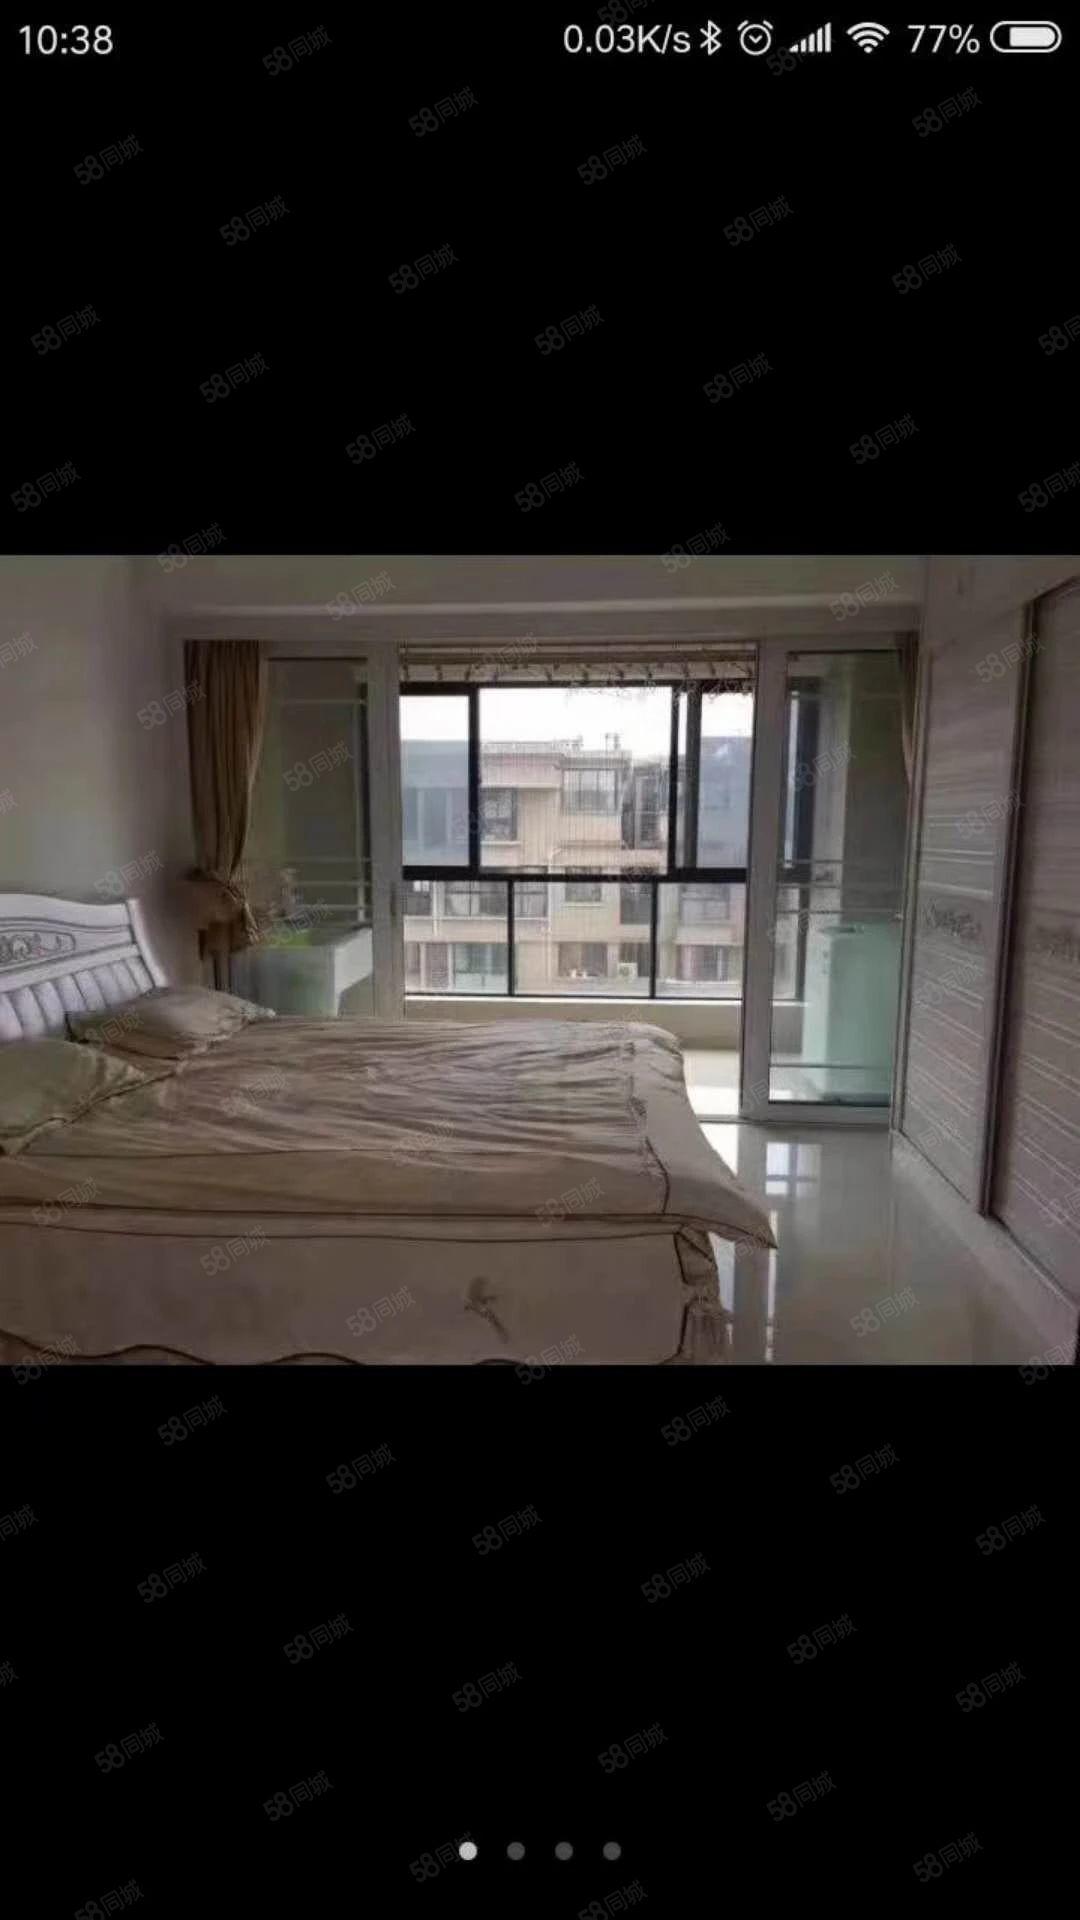 帝豪广场电梯高层小两房出售,精装修,划片二实幼,二实小,三中